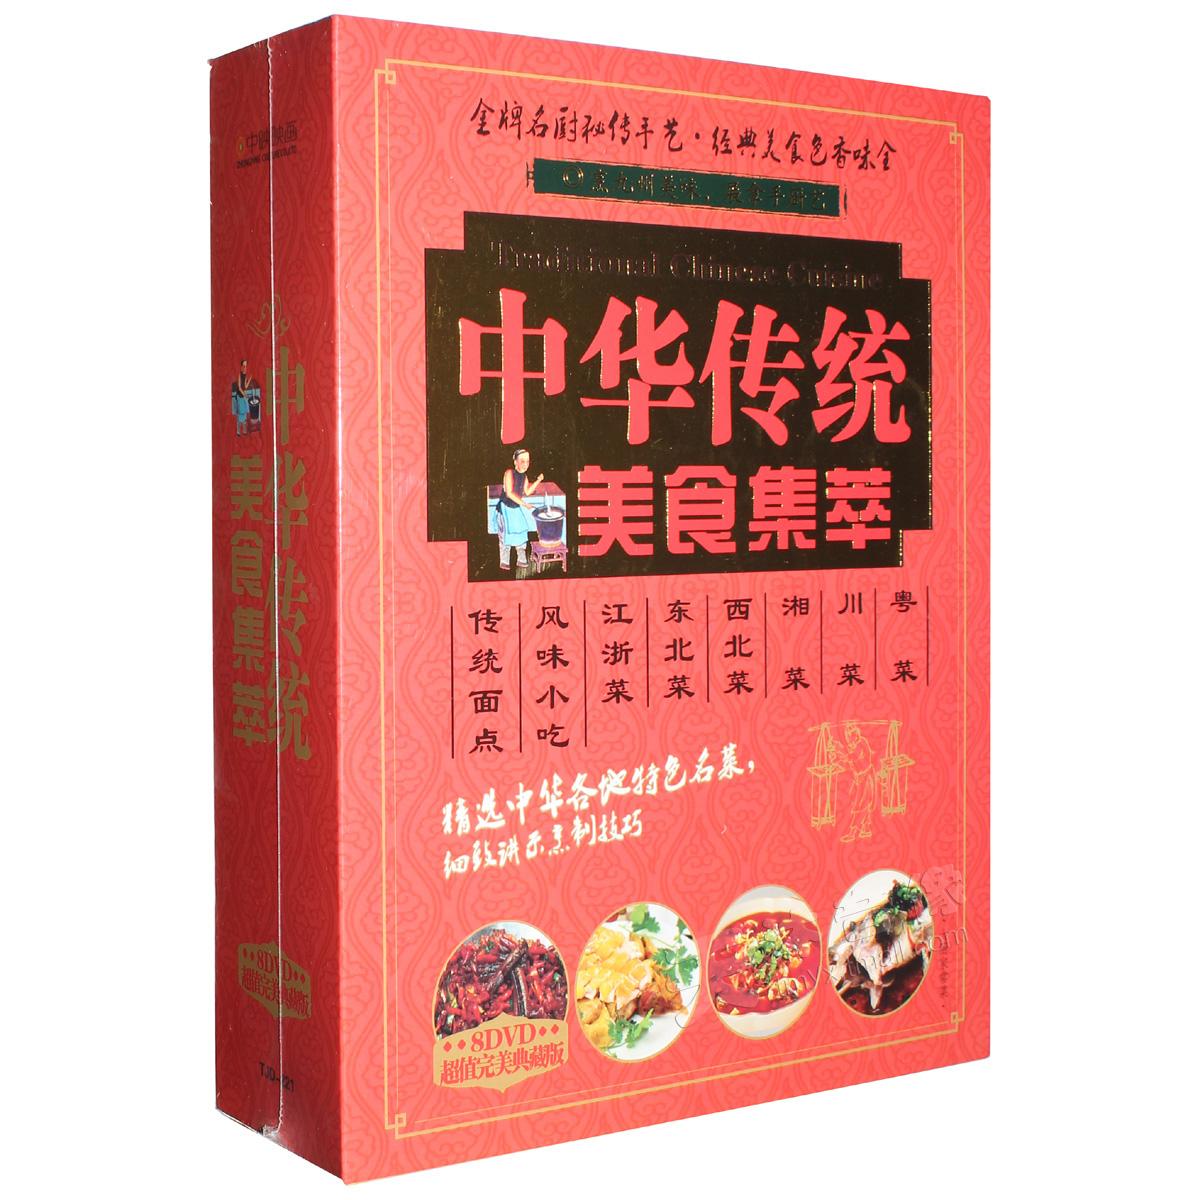 餐饮烹饪菜谱 中华传统美食集萃 粤湘江浙川菜8DVD 高清教学光盘